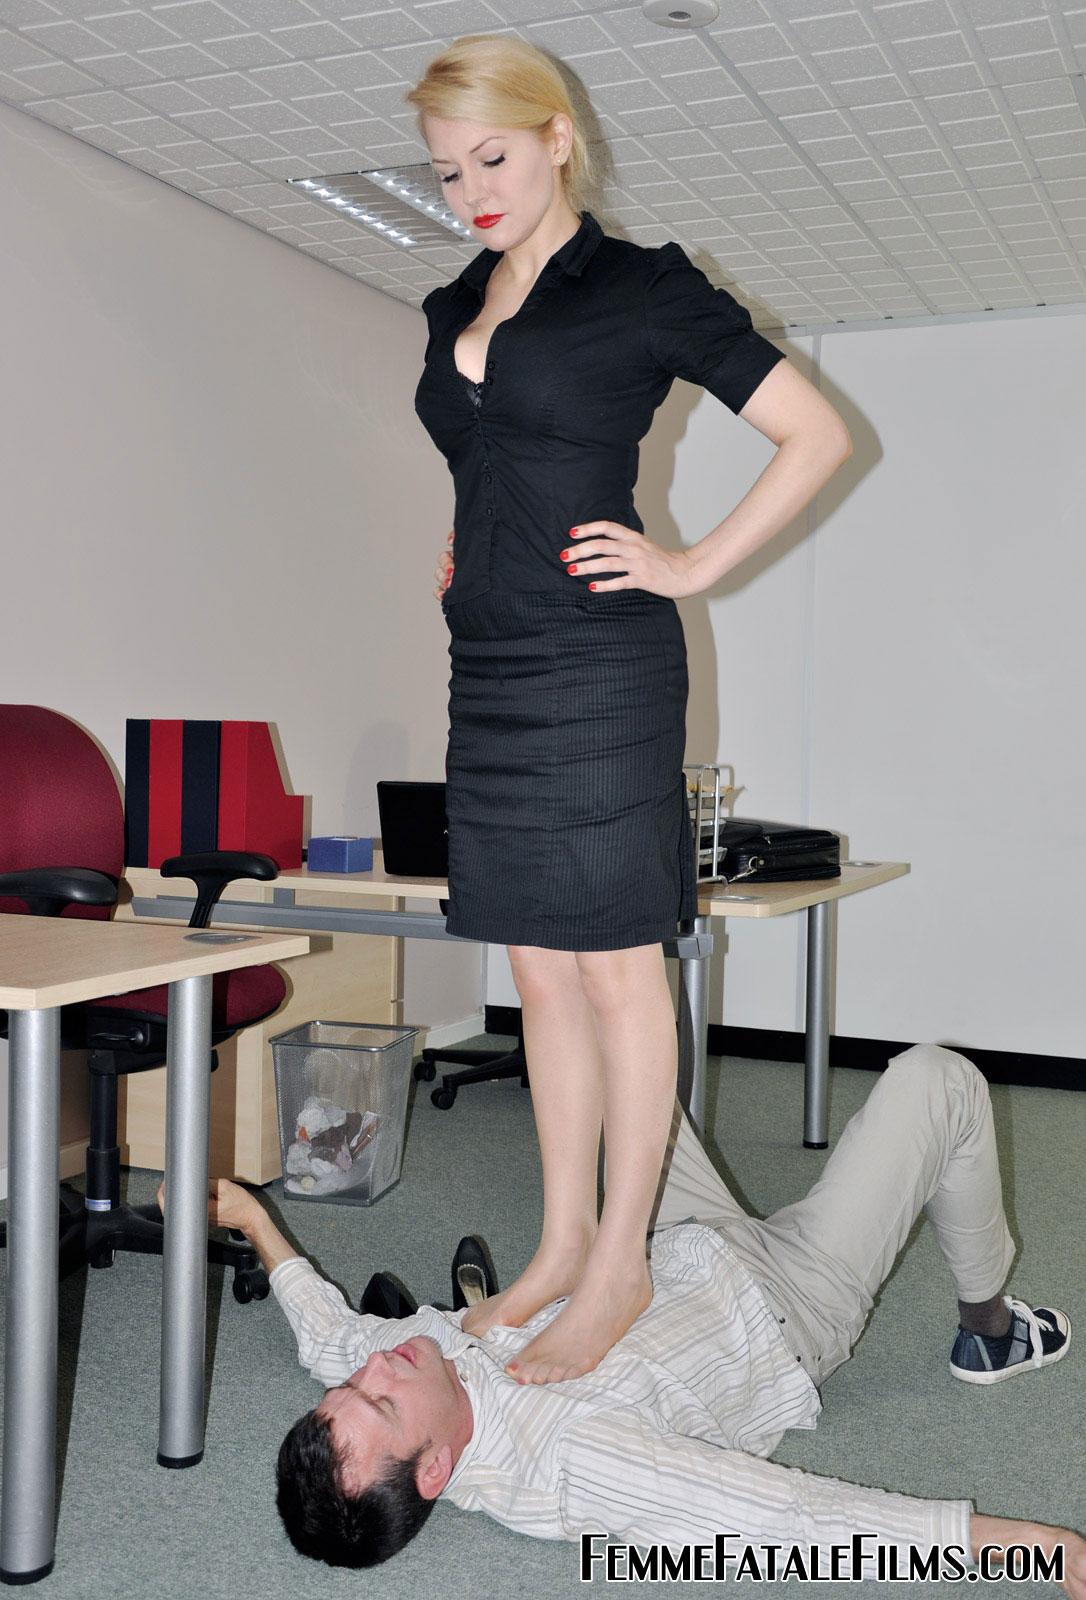 пиздолизы в офисе фото расставания своей